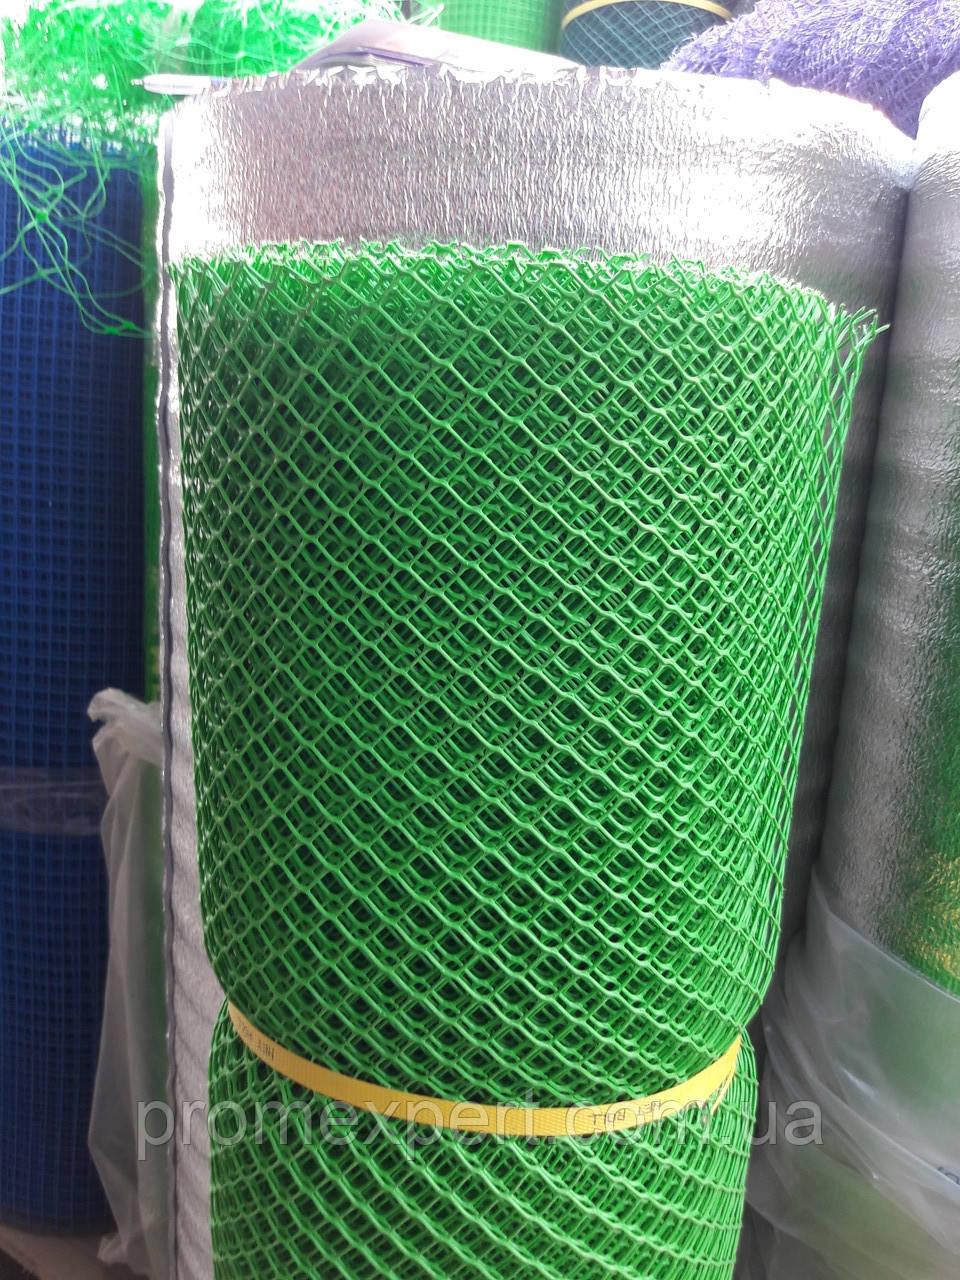 Сетка садовая пластиковая ,заборы.Ячейка 13х13 мм,рул 1х20м